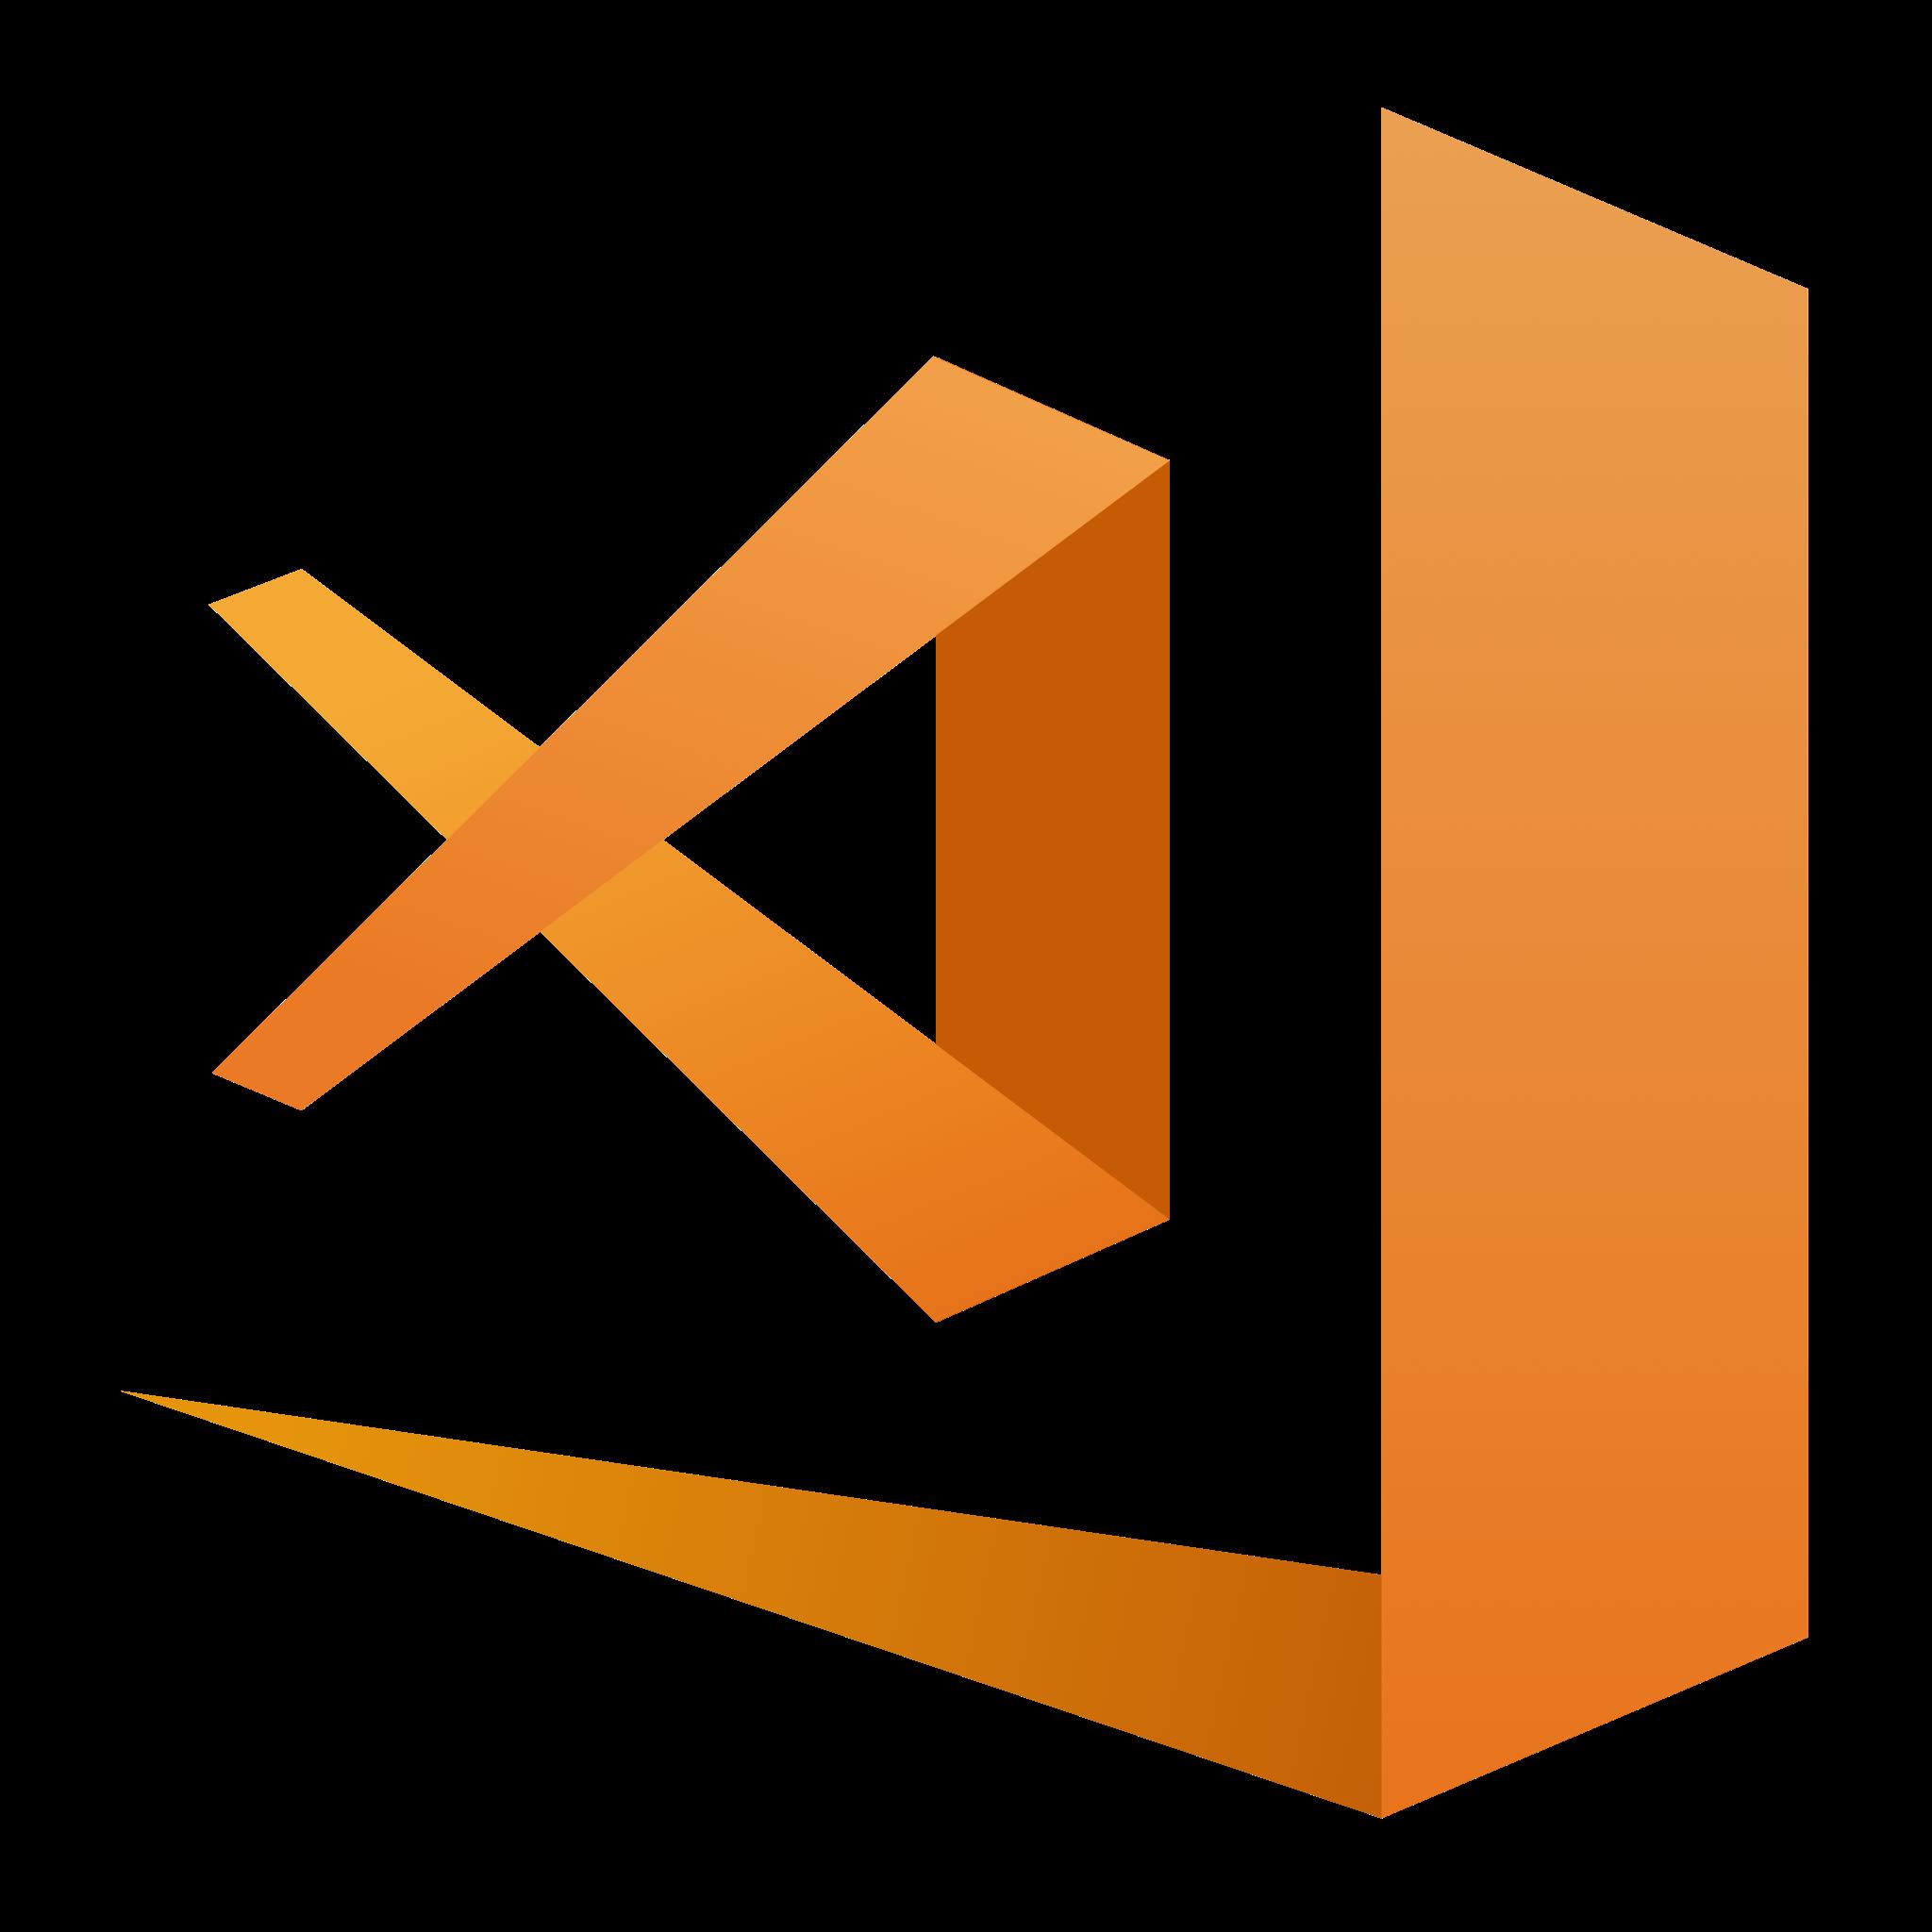 vscode-transparent